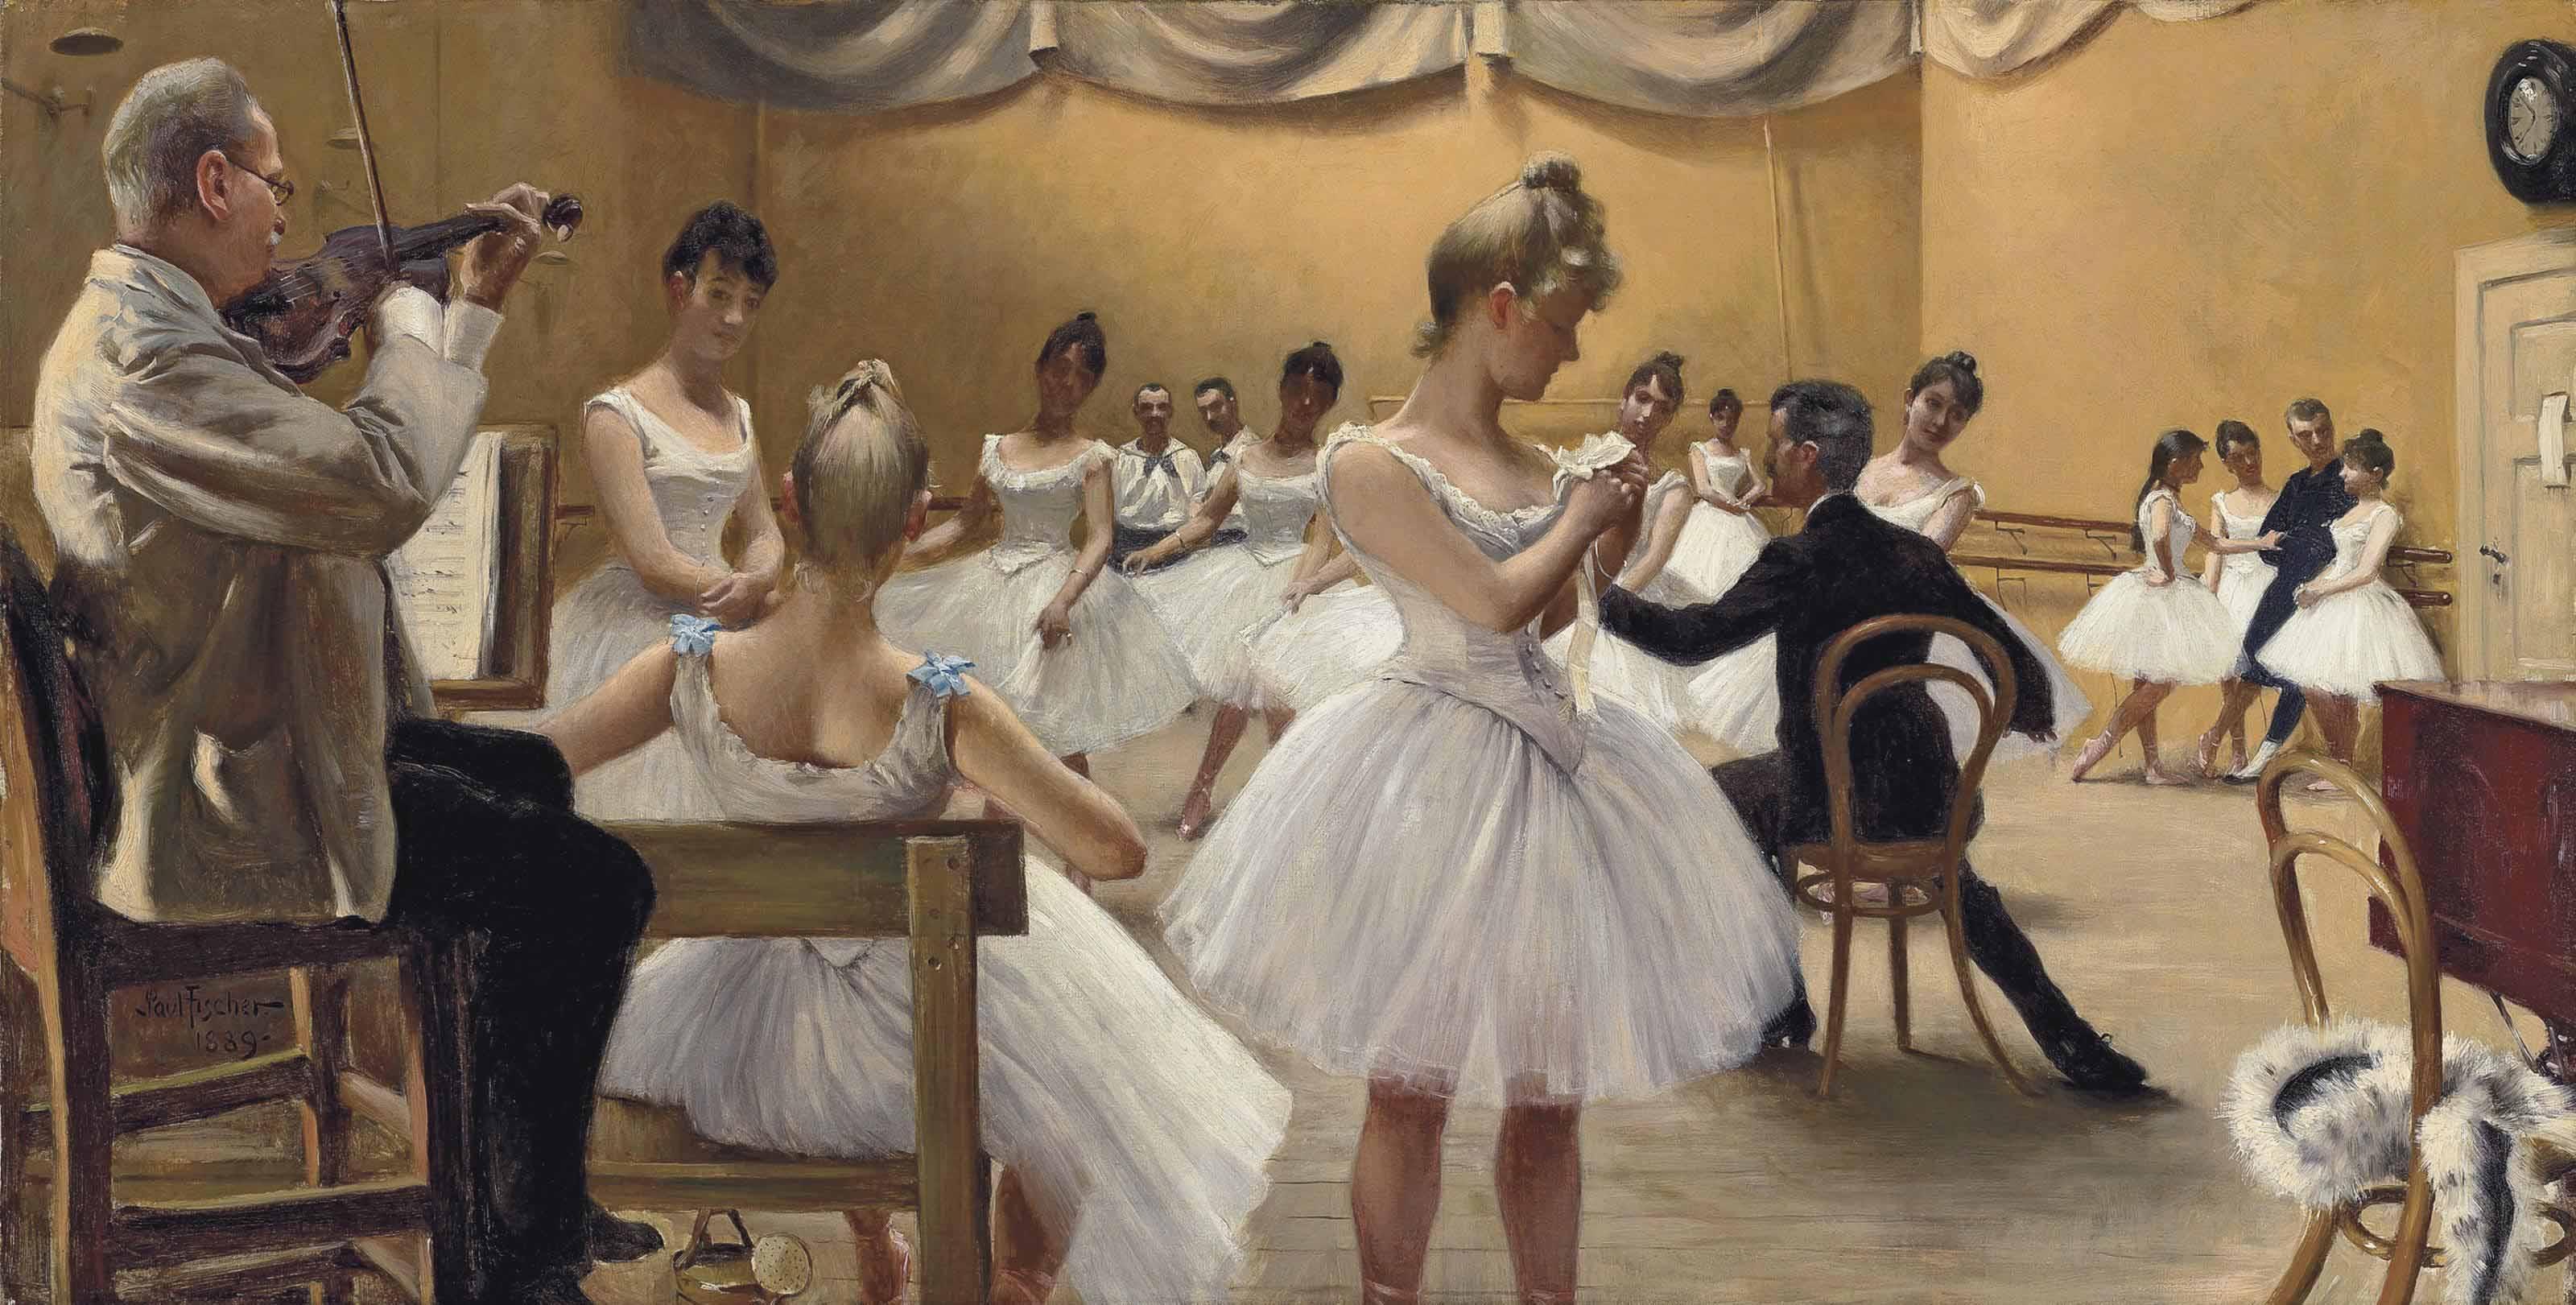 Audio: Paul Fischer, The Royal Theatre Ballet School, Copenhagen